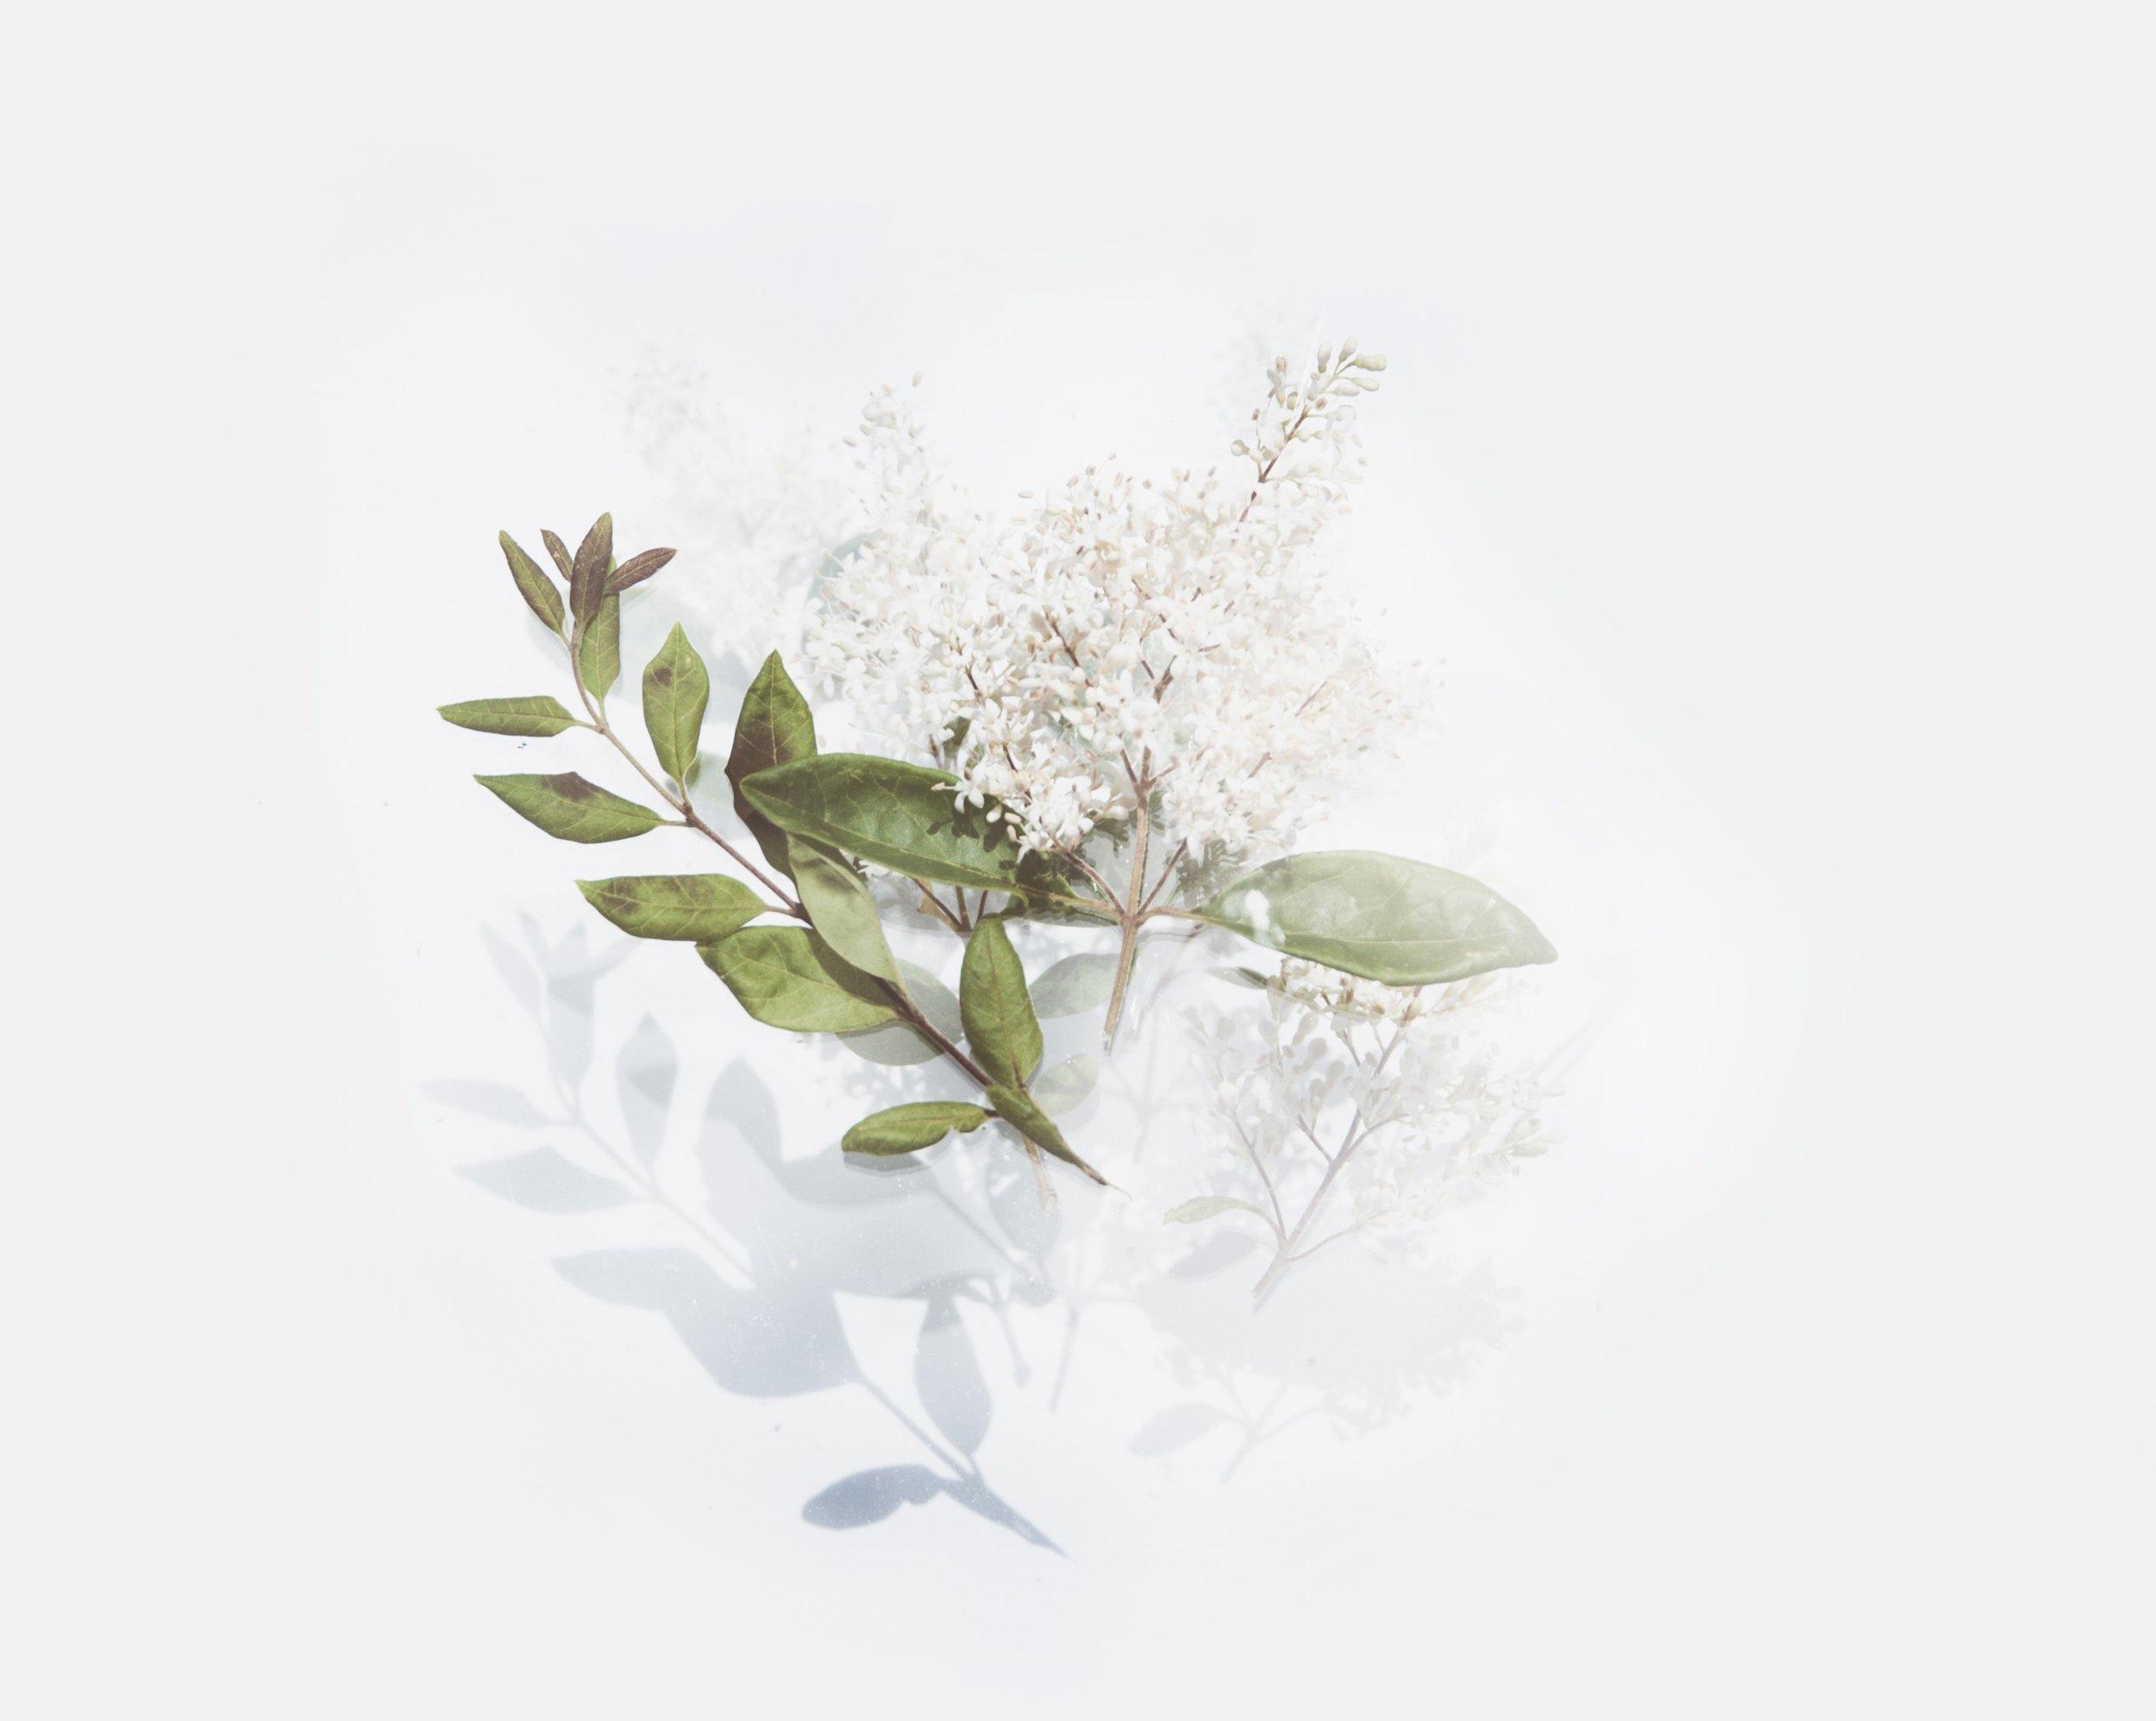 flora-flower-leaves-2395244.jpg